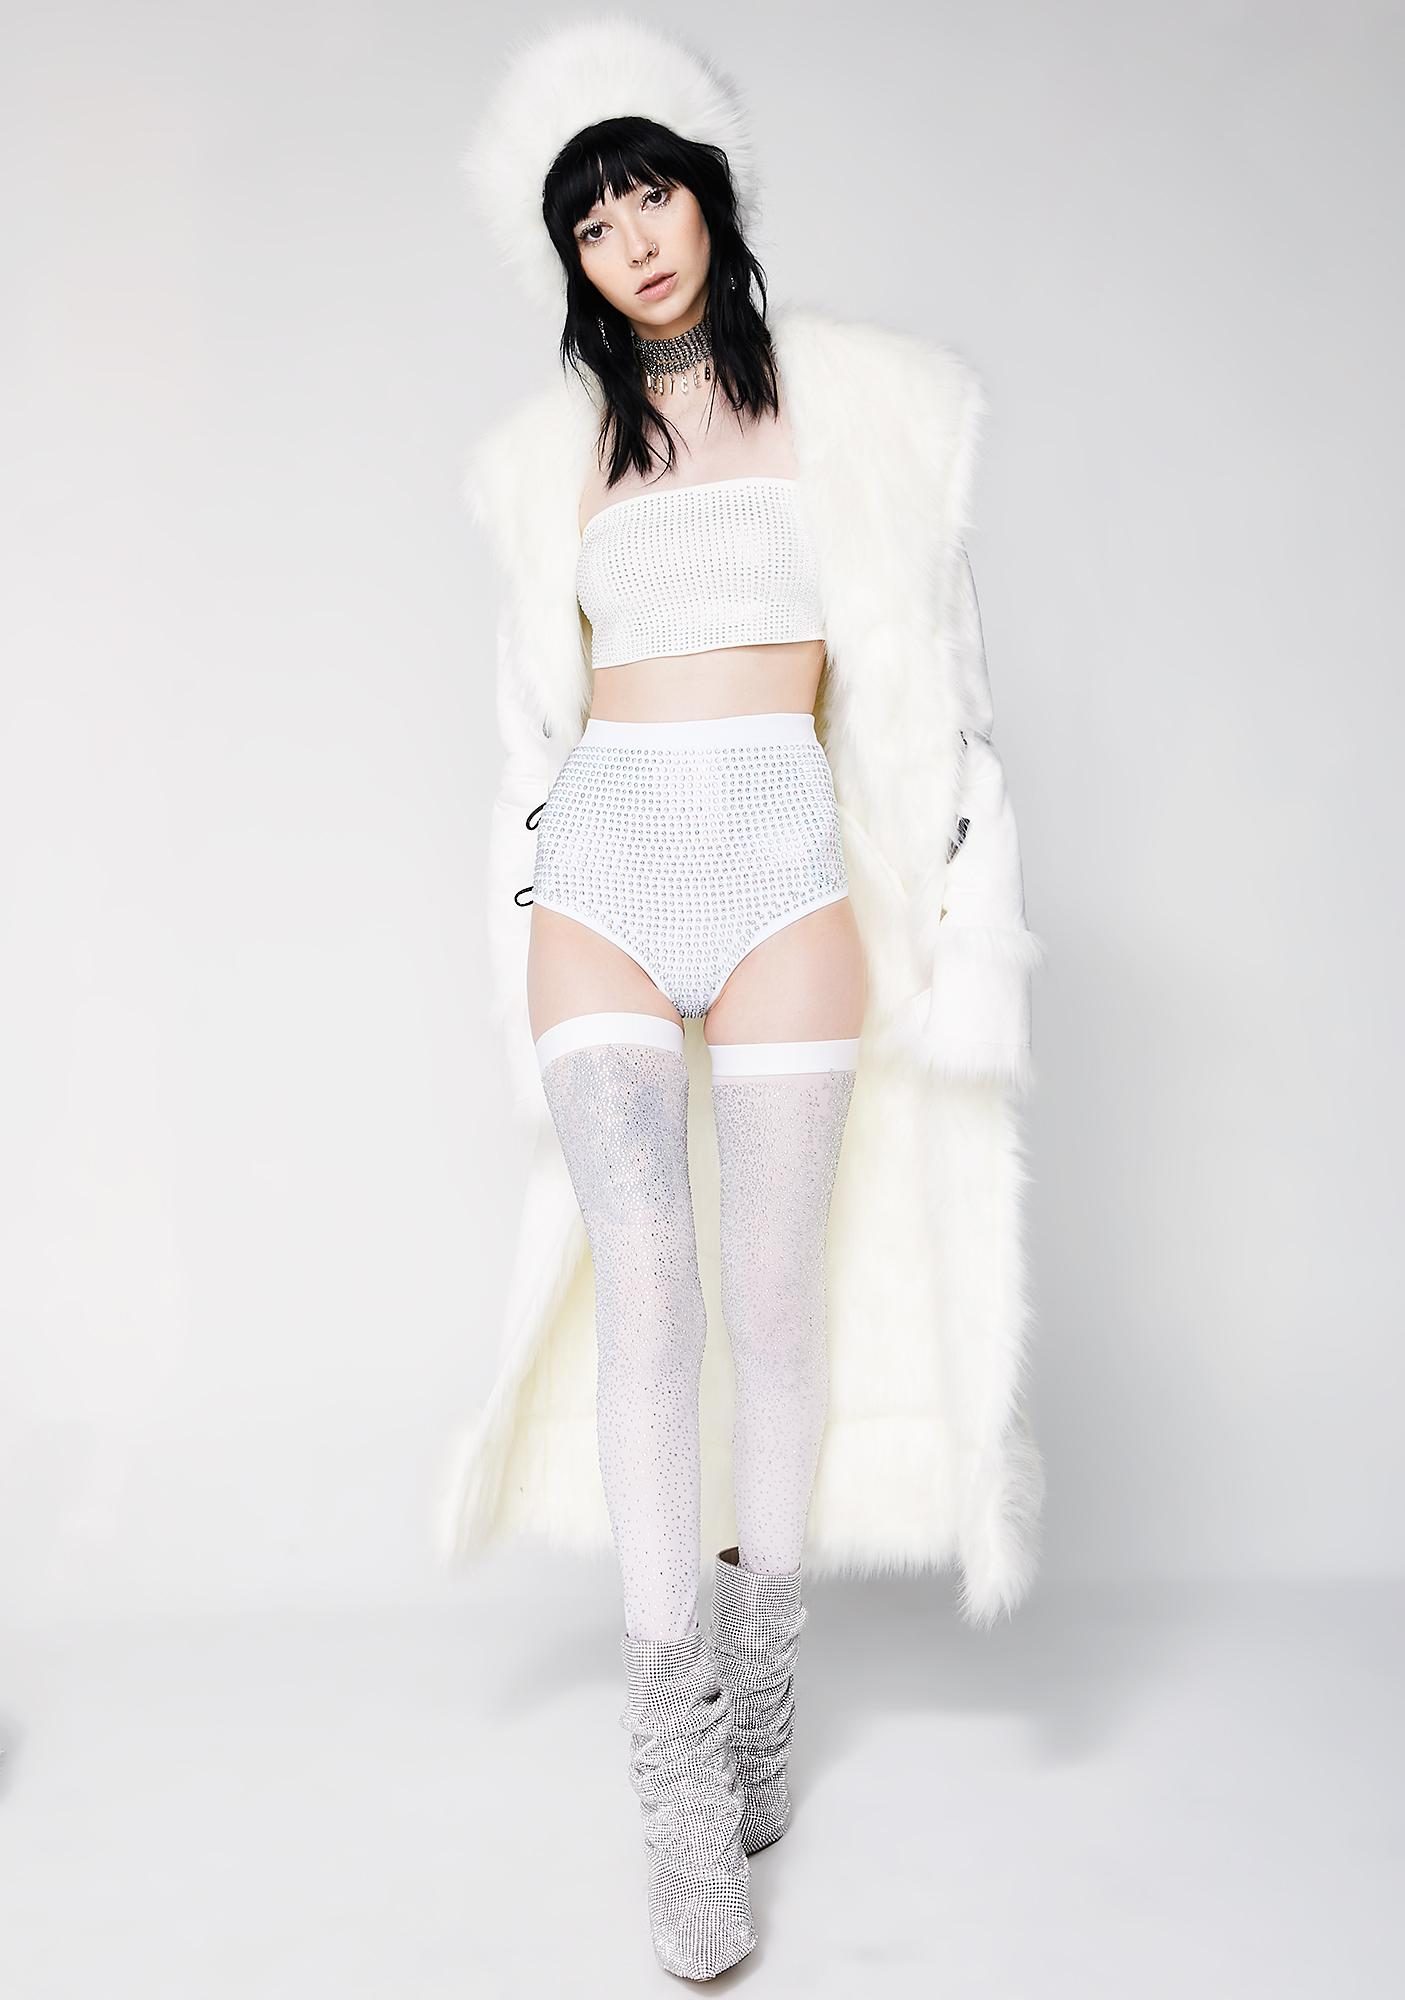 Kiki Riki Hypernova Rhinestone Booty Shorts